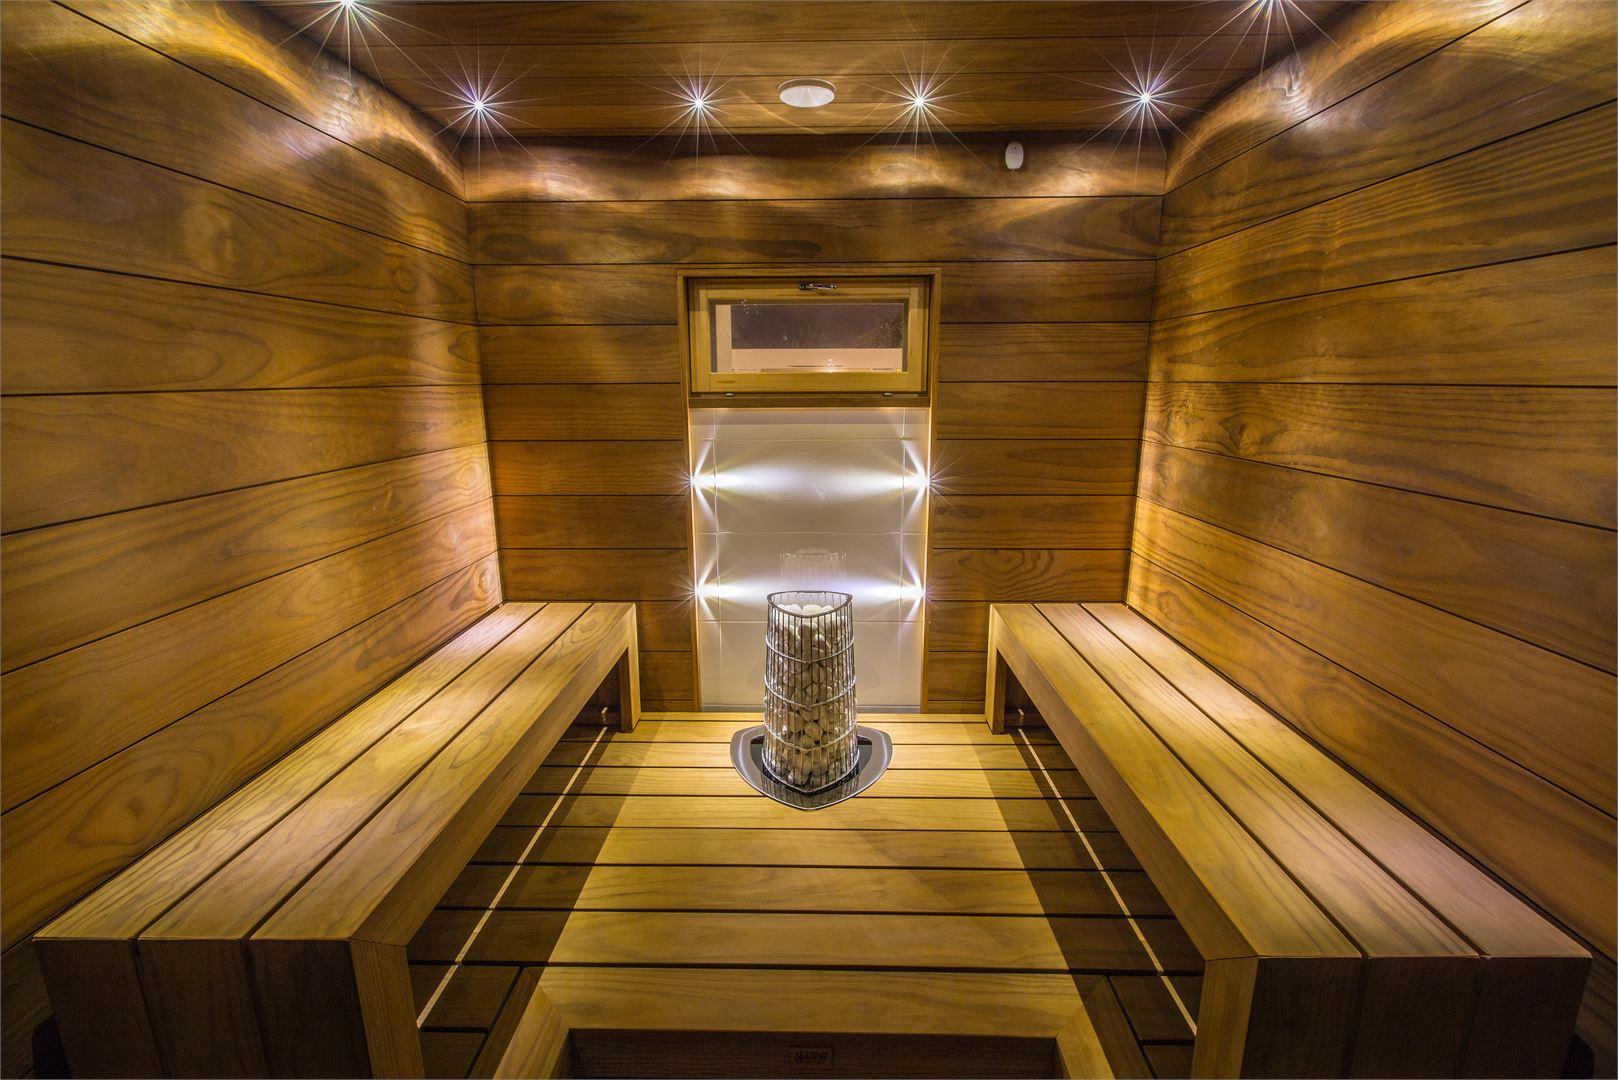 Välillä asiakkaat esittävät myös erikoisia toiveita: eräs asiakas toivoi saunaan televisiota. Tässä saunassa tunnelmaa luodaan valoilla.